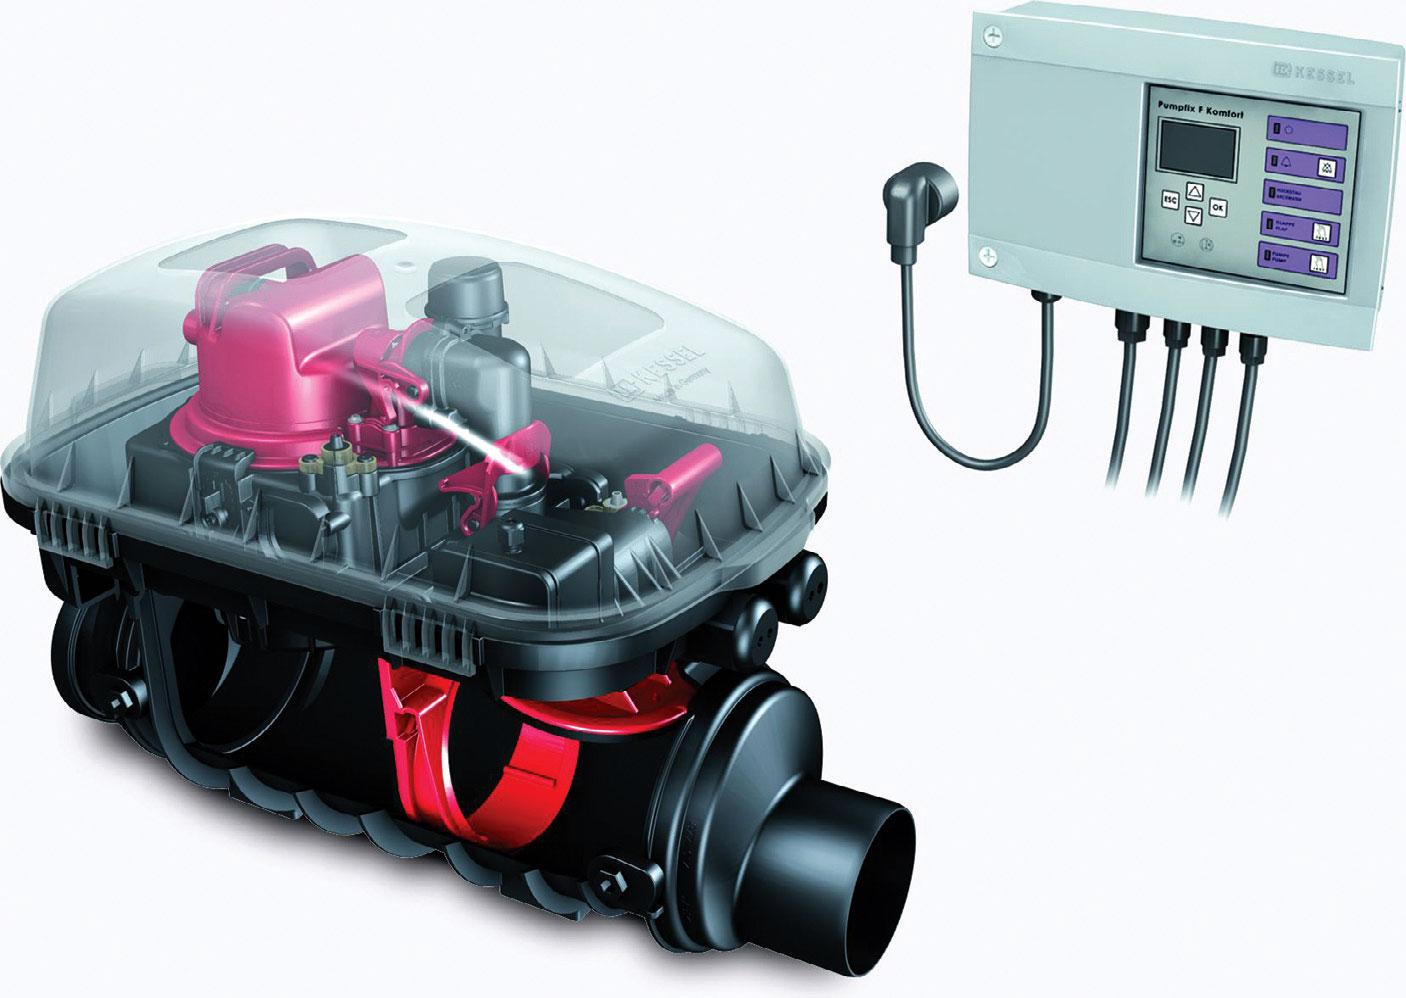 skuteczna i bezpieczna instalacja kanalizacyjna1 - Skuteczna i bezpieczna instalacja kanalizacyjna